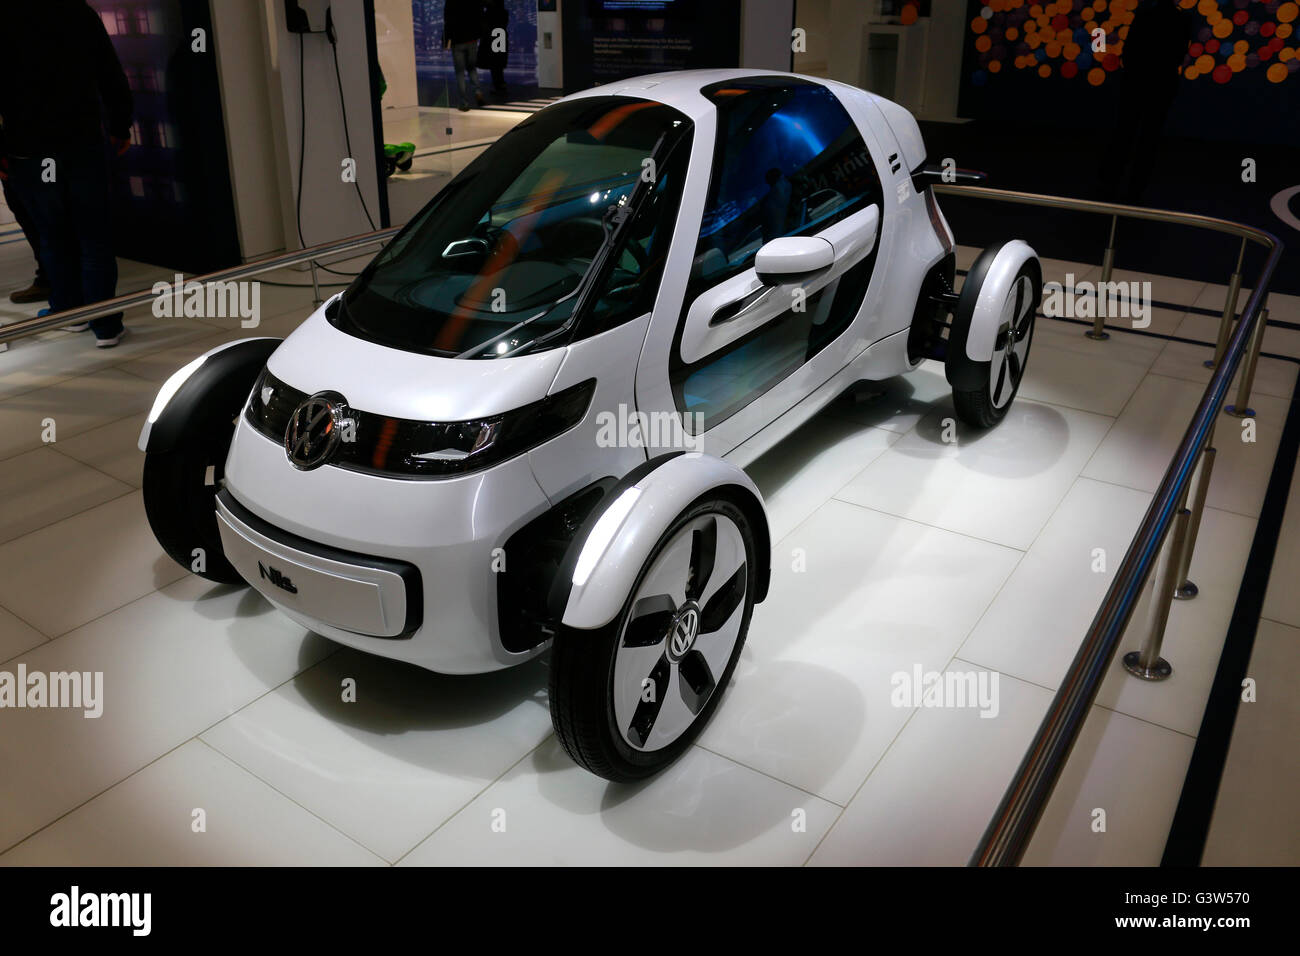 """die Studie fuer ein VW/ Volkswagen Auto/ """"Concept Car"""", Berlin. Stock Photo"""